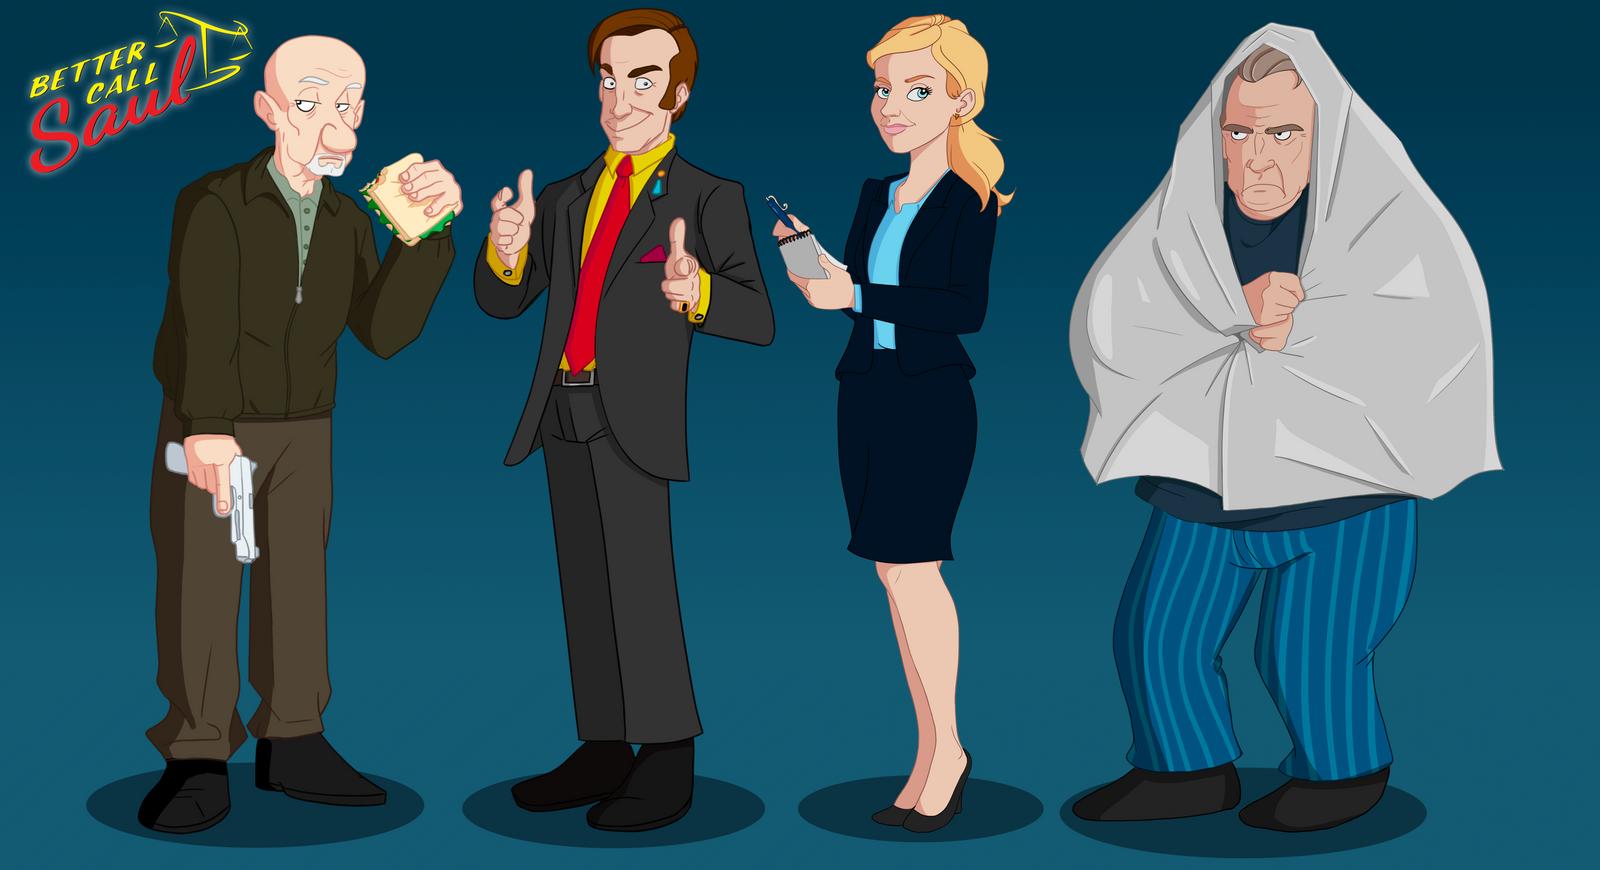 Better Call Saul Cast by Flachzange